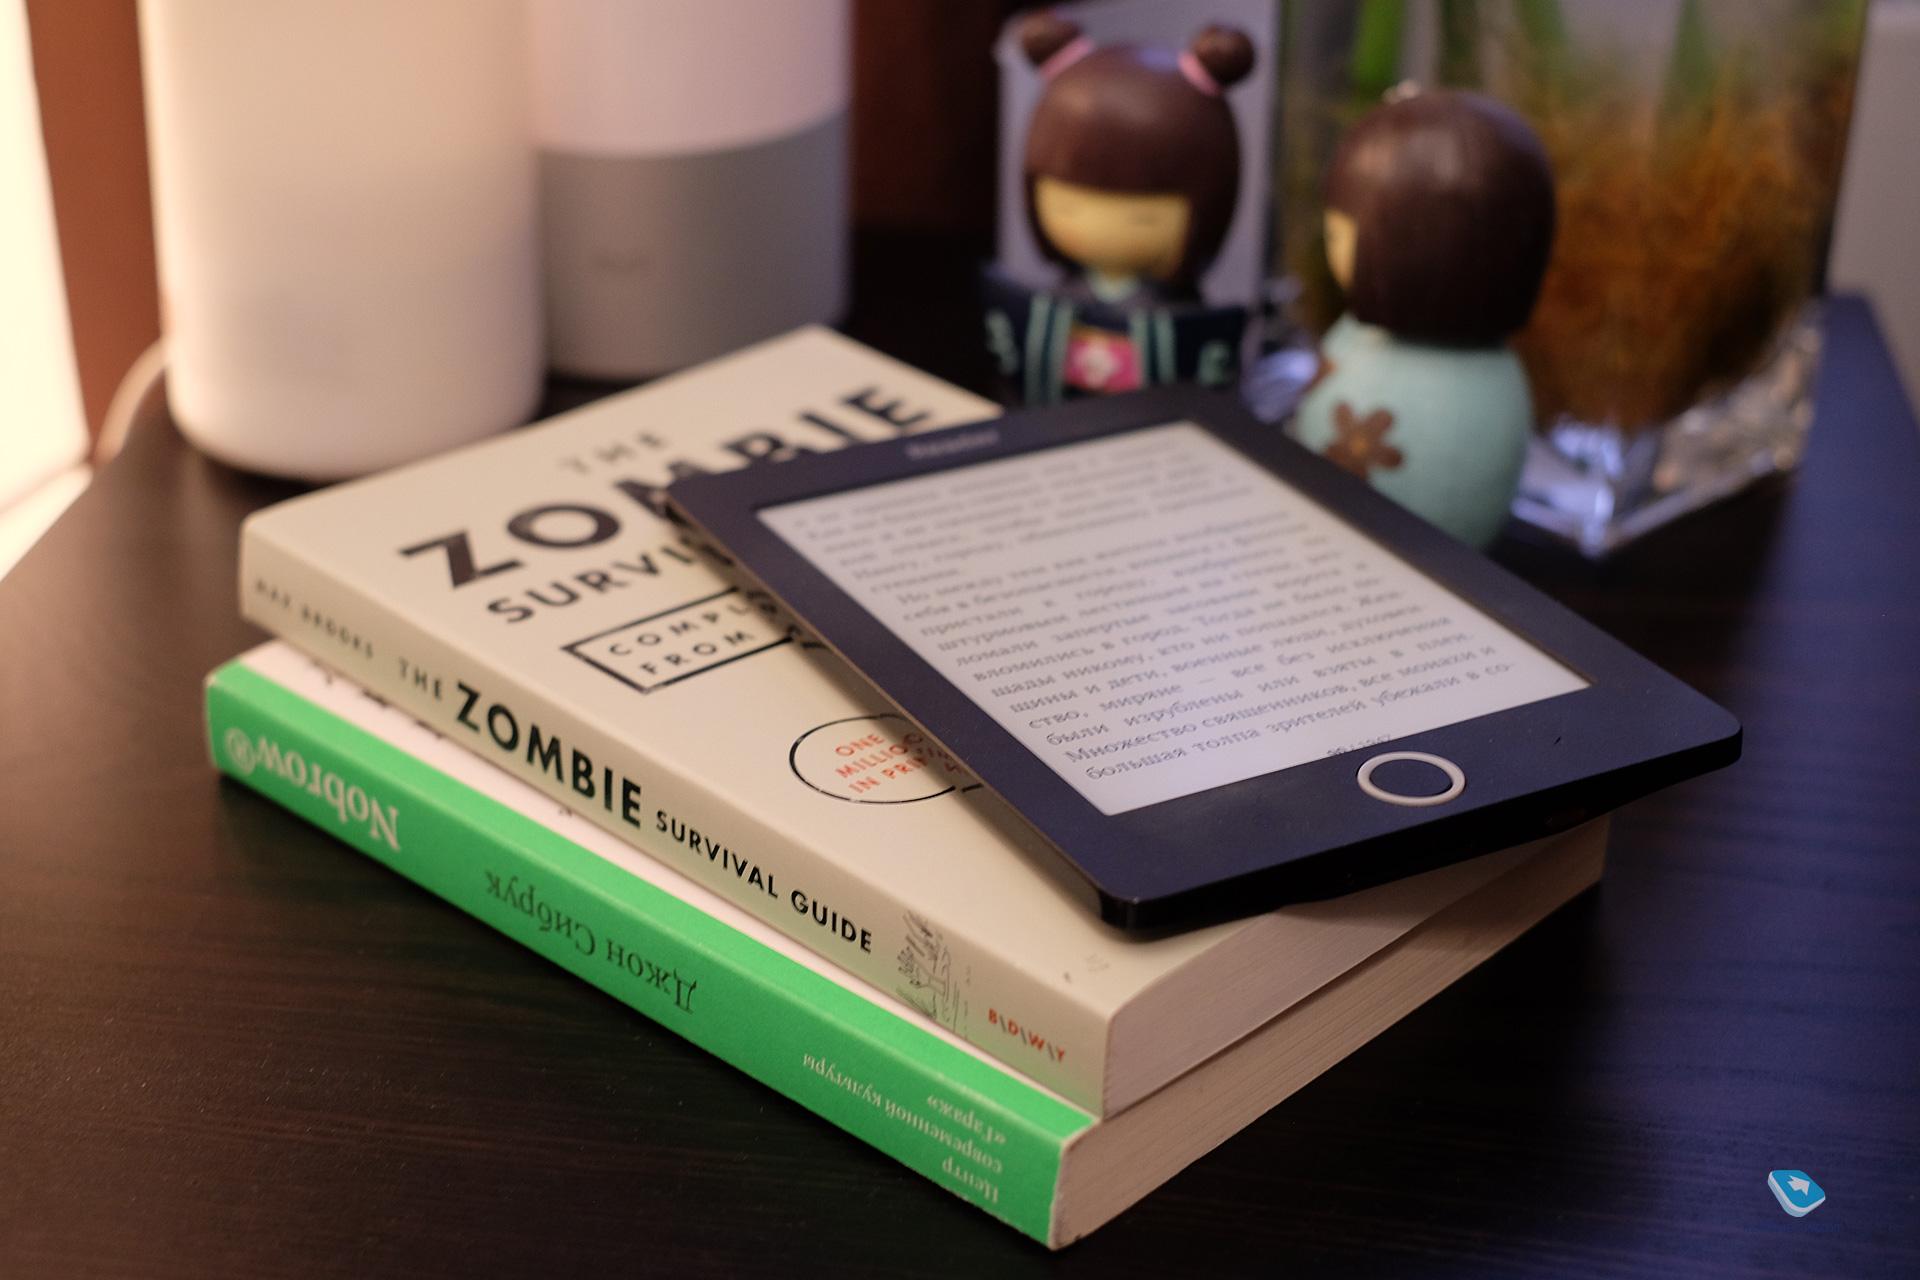 Не получается скачать книгу в электронную книгу